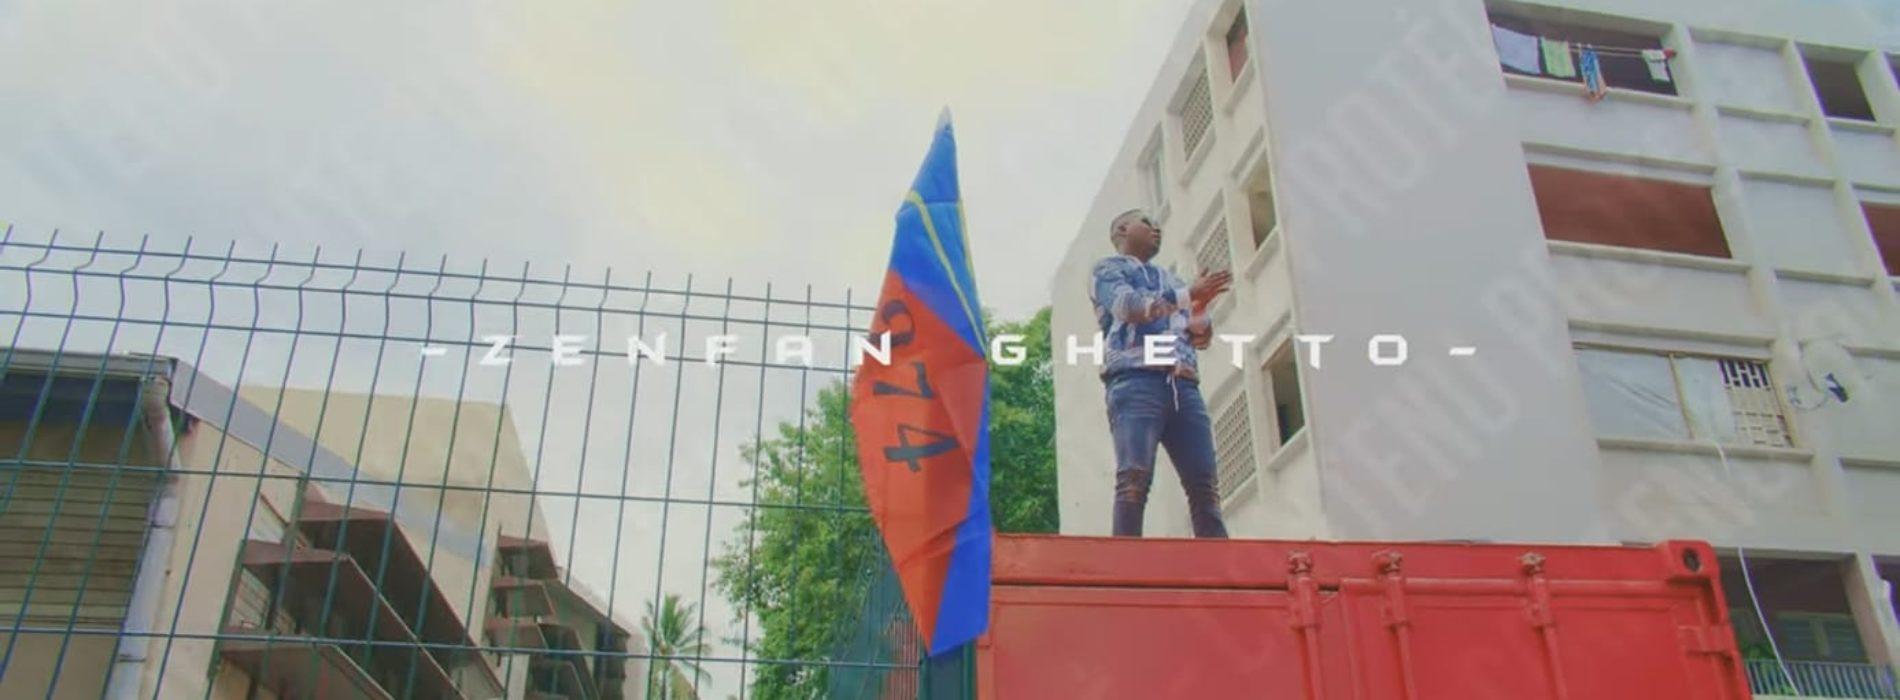 Nivèk – Zenfan Ghetto – Mars 2020